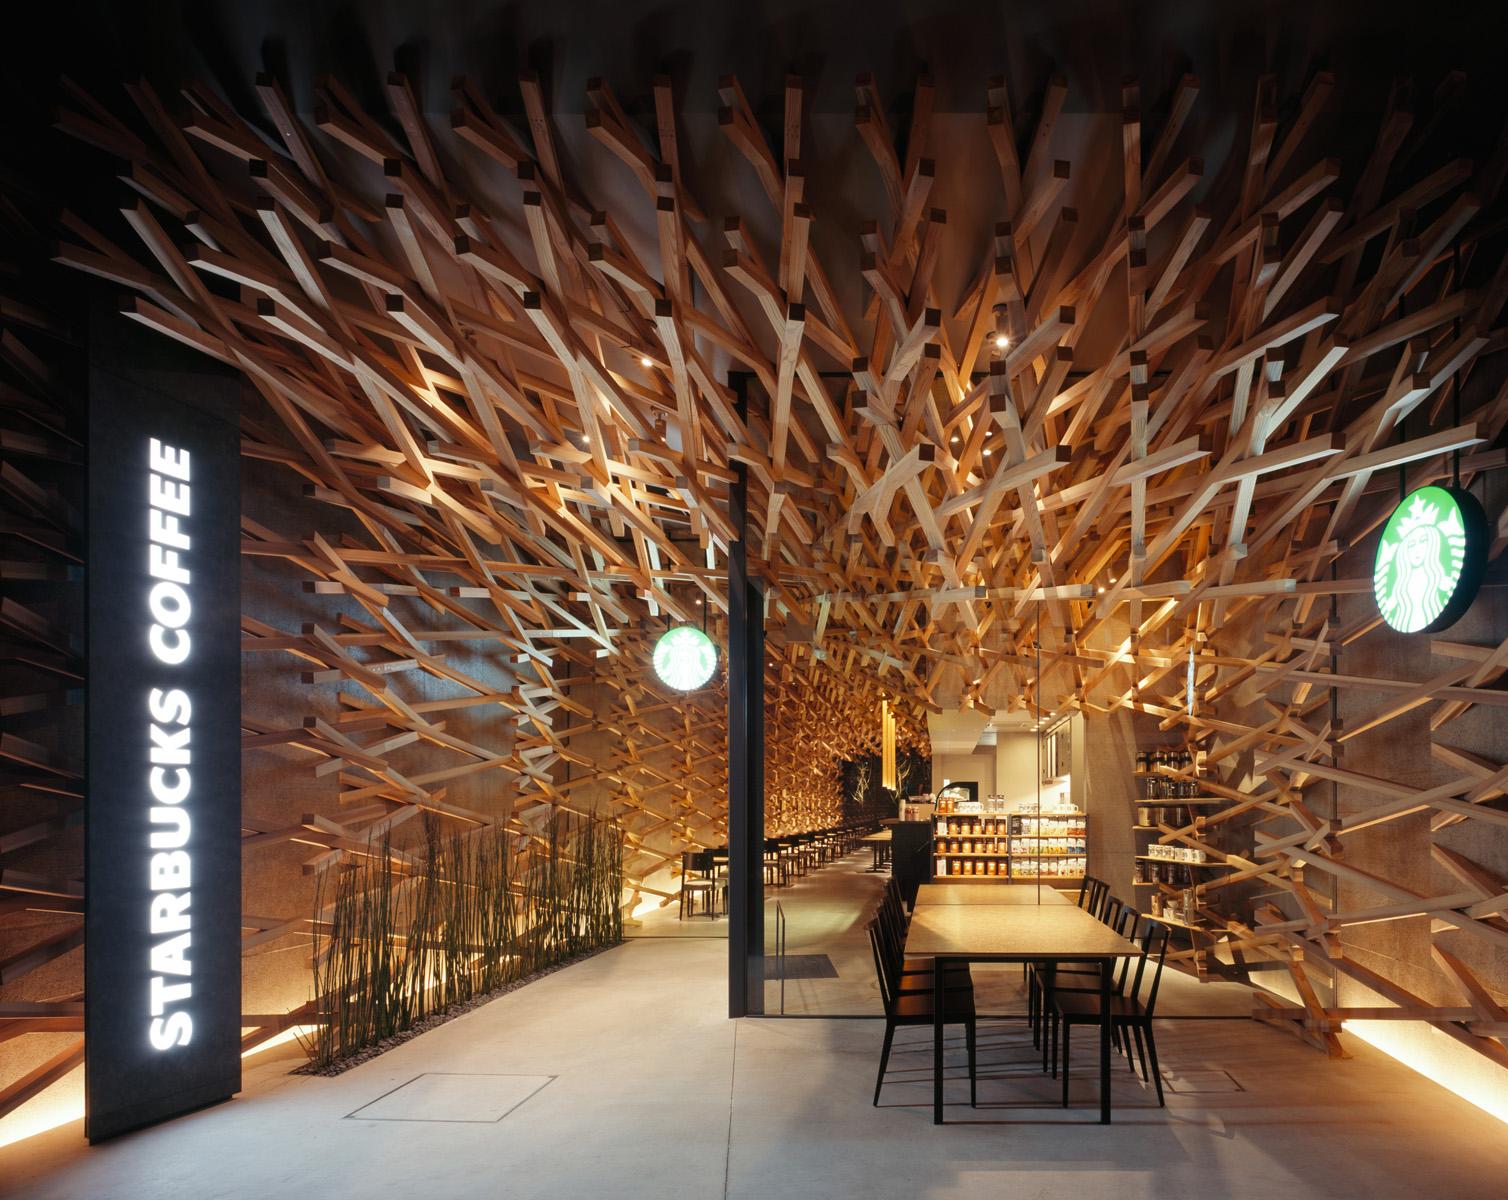 Starbucks Coffe Fukuoka « Architettura Blog Arredamento e Design Blog